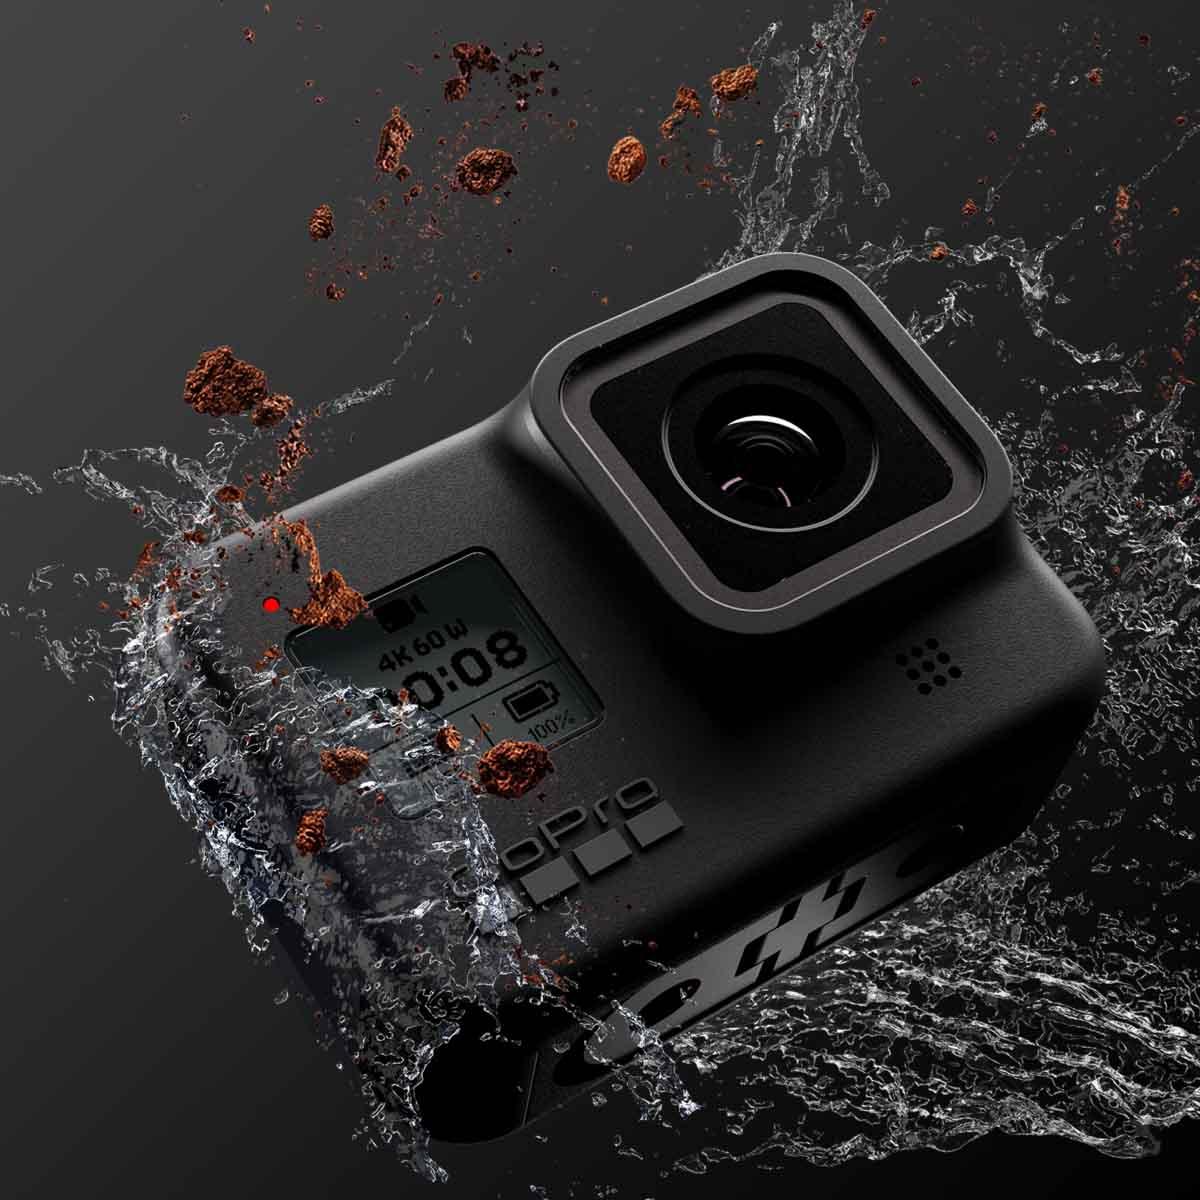 GoPro HERO 8 Black обзор экшн-камеры